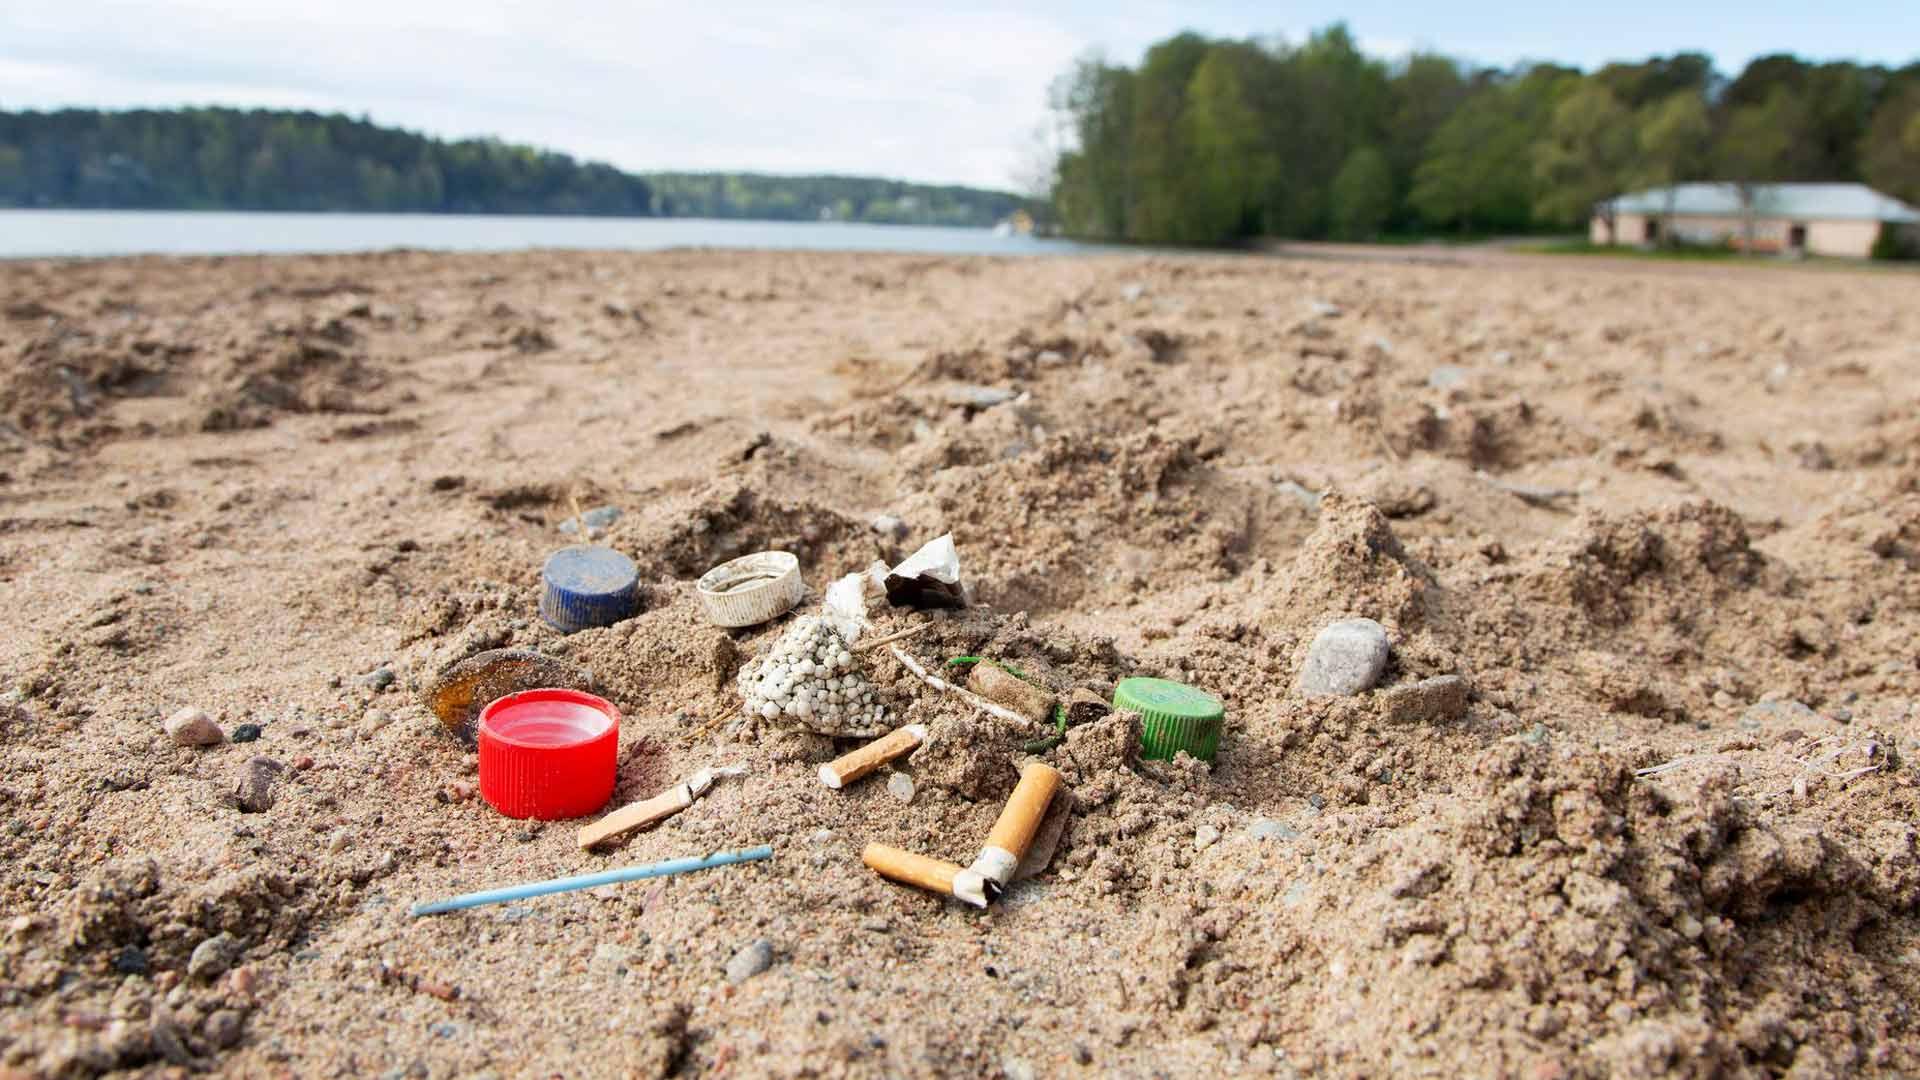 Panttijärjestelmä toimii: pullonkorkki on urbaaneilla rannoilla yleinen roska, mutta pulloja löytyy harvoin, koska niistä saa rahaa.